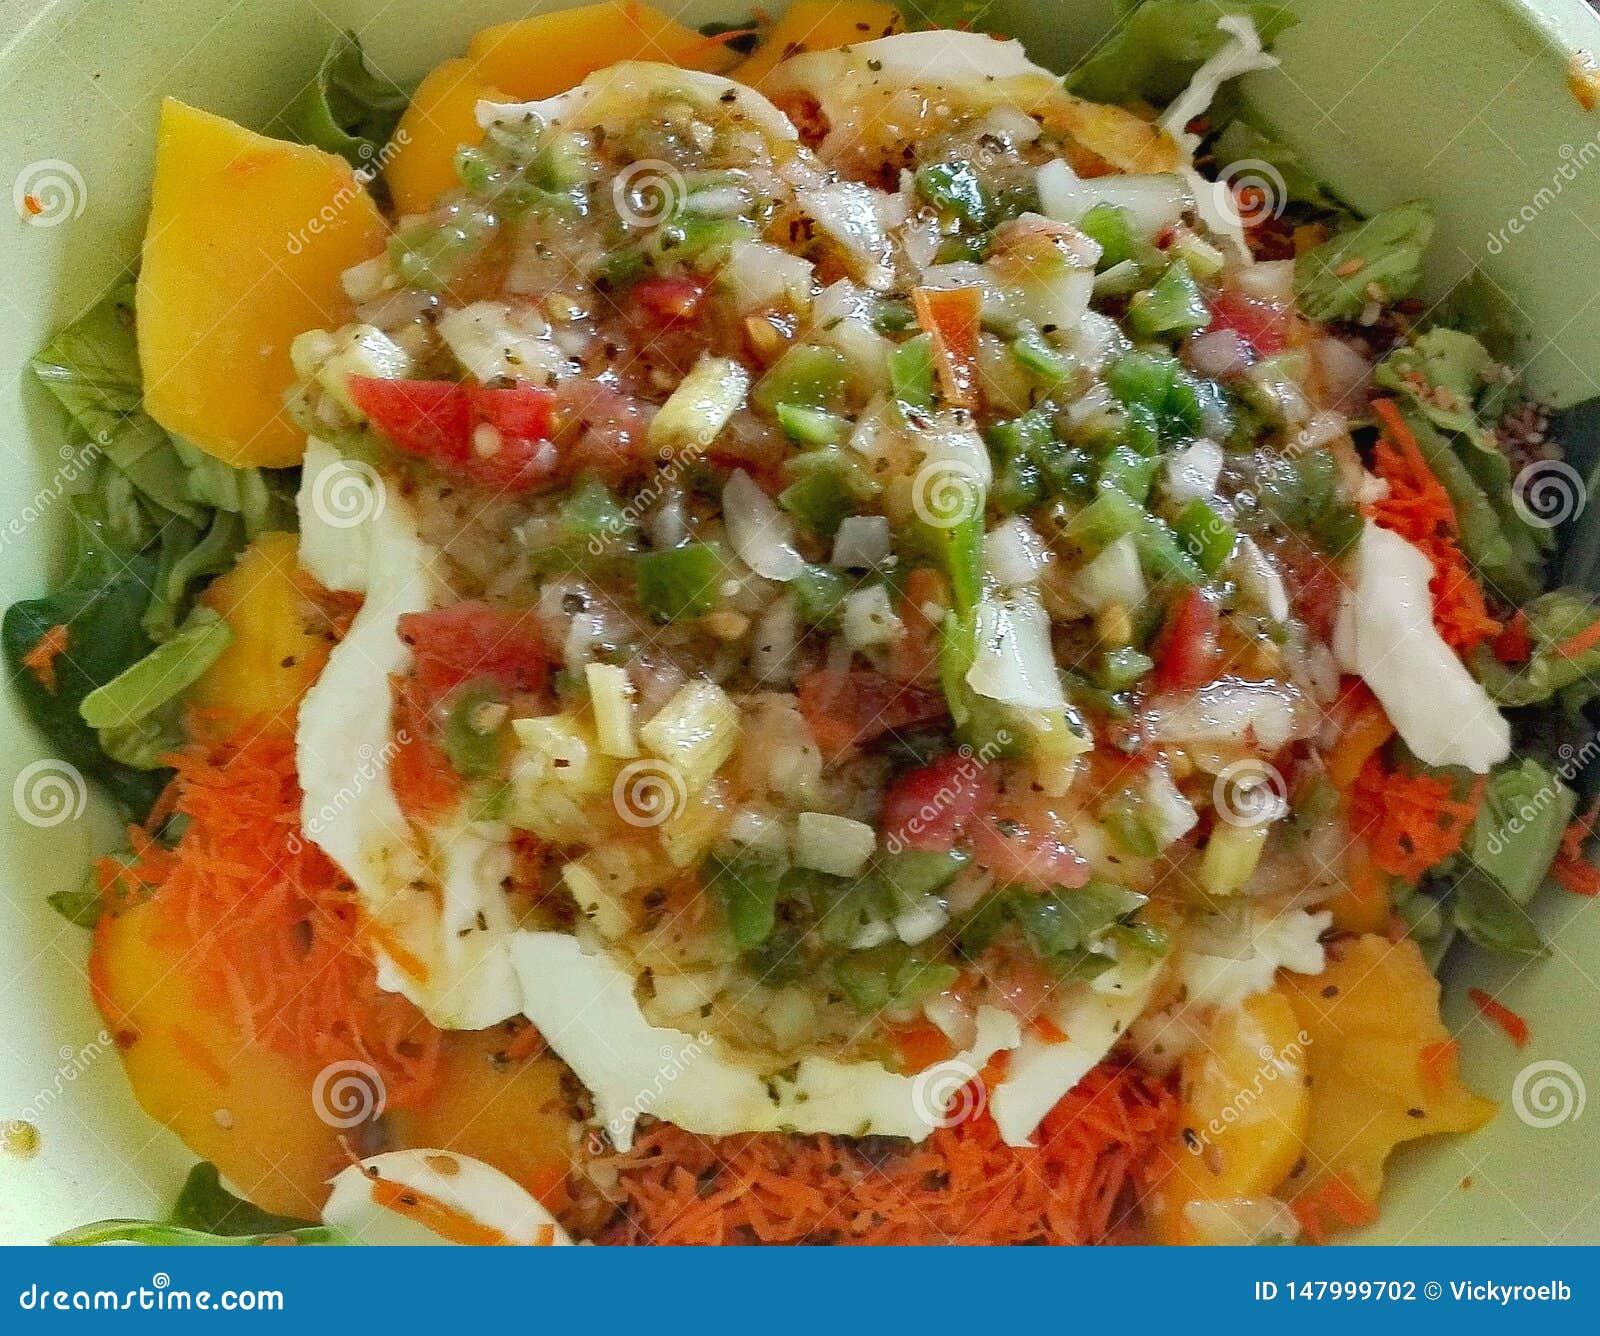 Multicolored salad